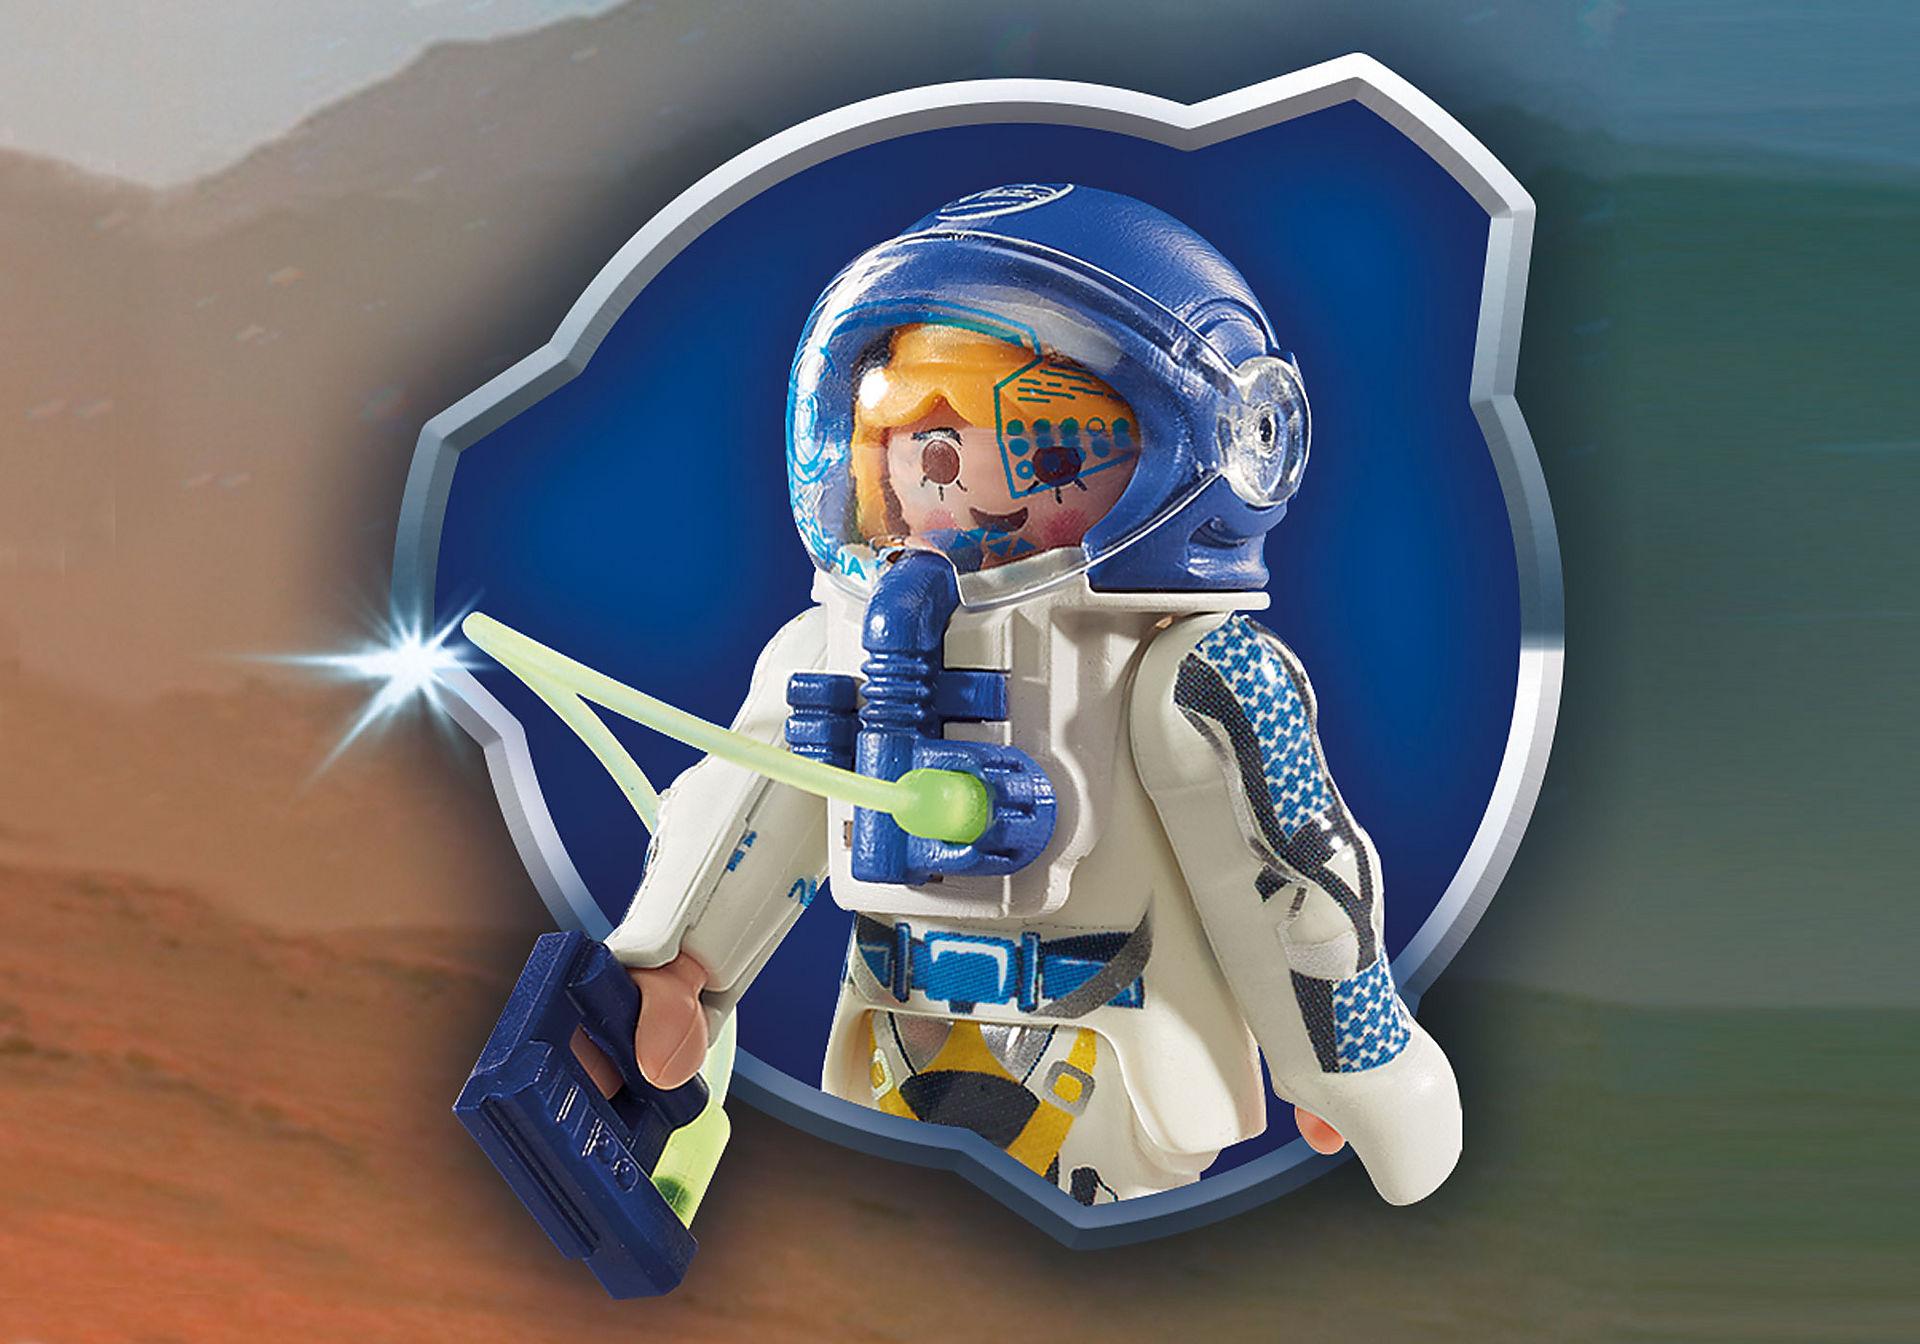 9487 Διαστημικός Σταθμός στον Άρη zoom image9